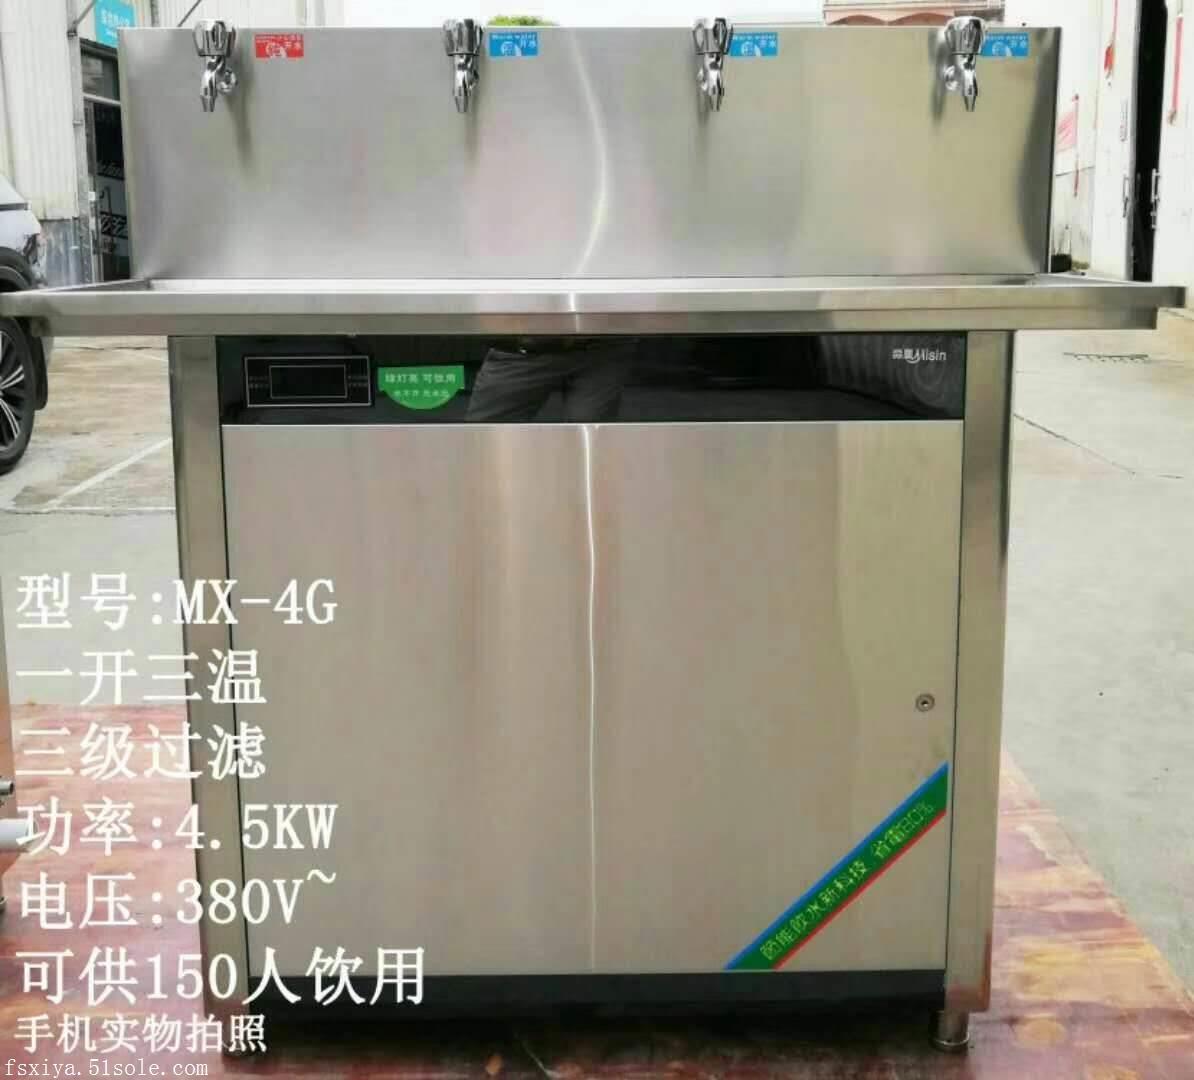 佛山开水器厂家,熙雅电器,主要生产,商用电热开水器,校园饮水机,